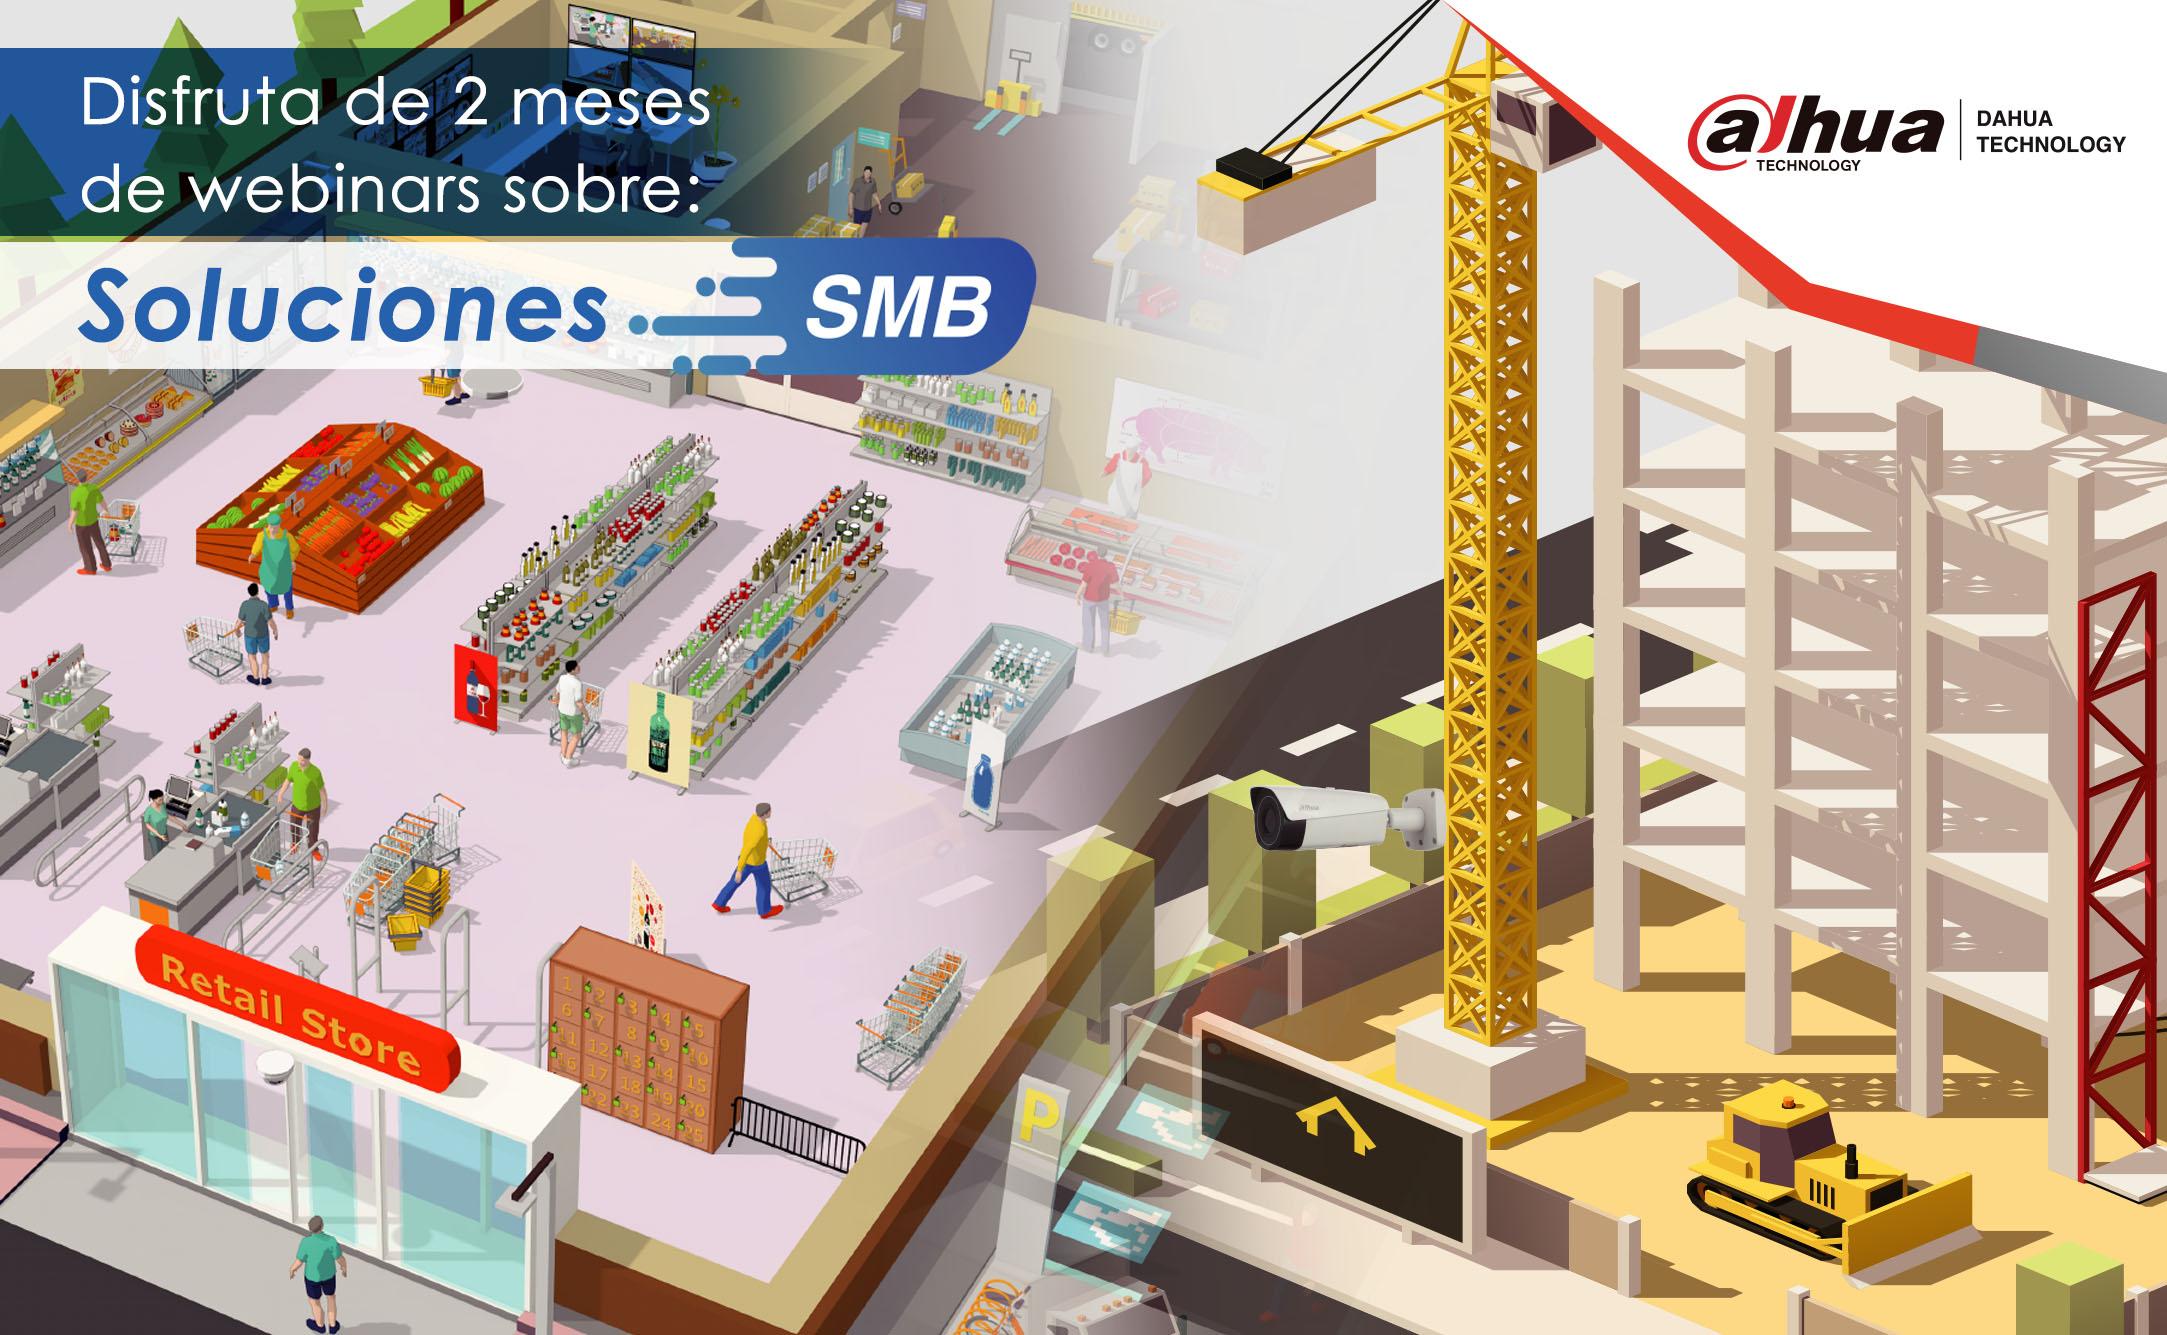 Calendario de webinars SMB de Dahua Academy México